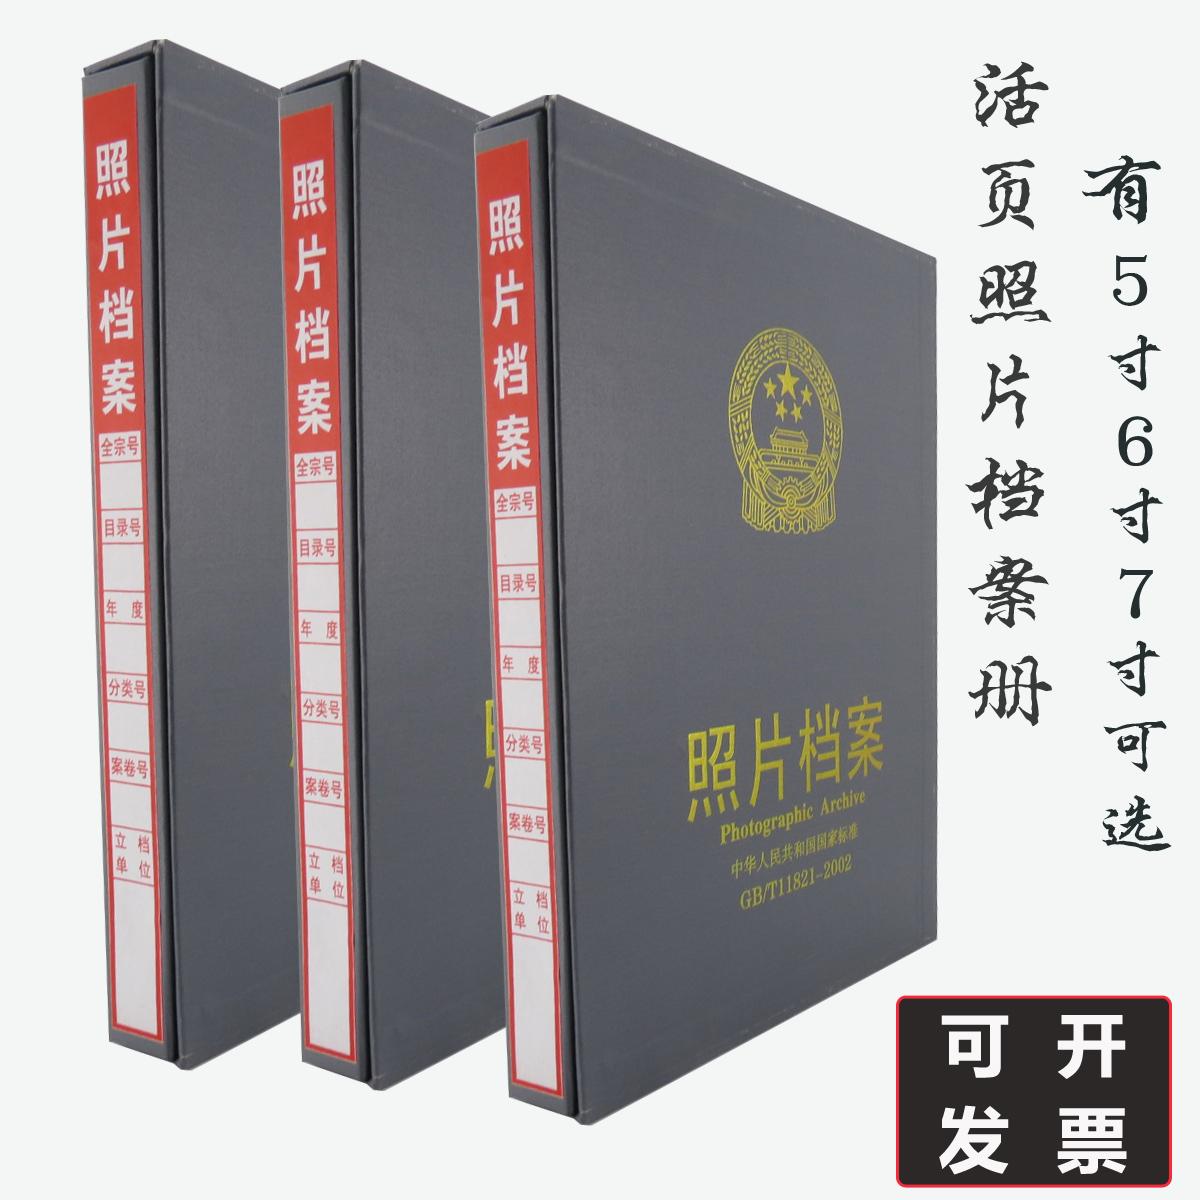 5寸6寸7寸活页相册 照片档案盒 A4活页23孔 相片档案盒 共15张